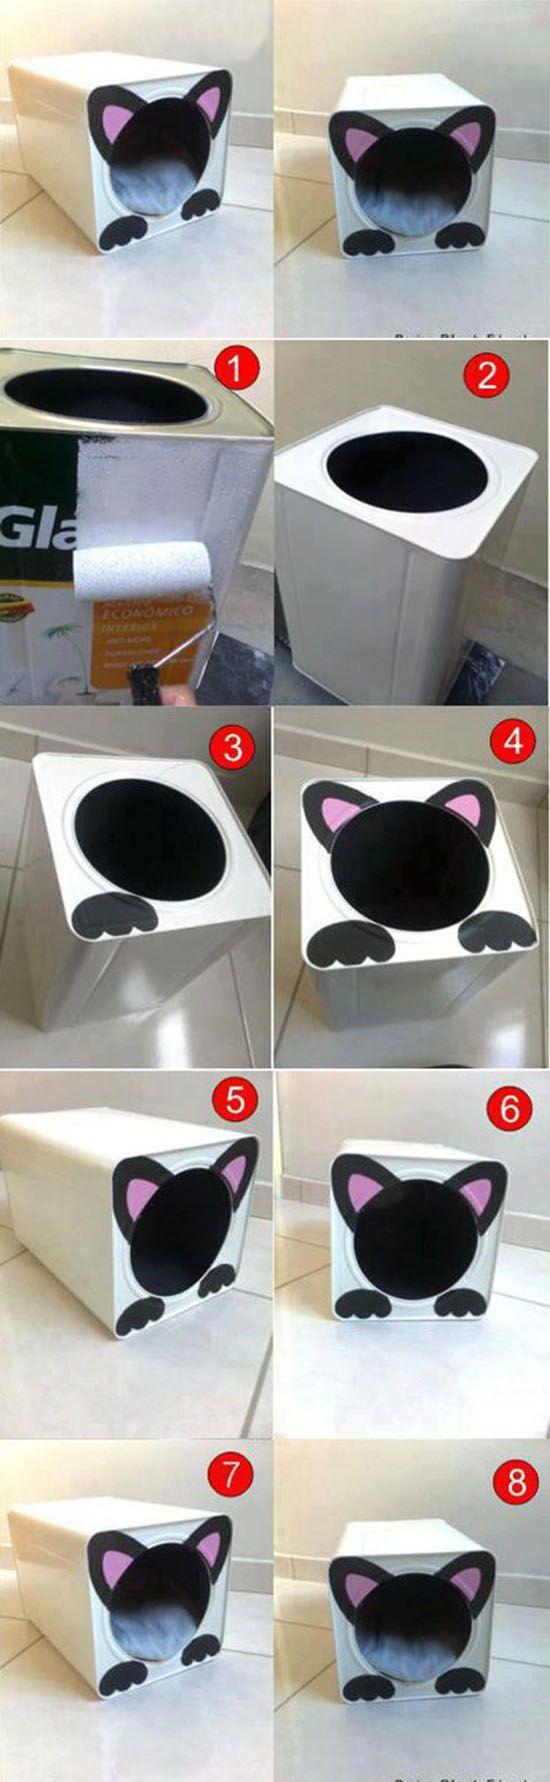 Diy Cute Cat | DIY & Crafts Tutorials